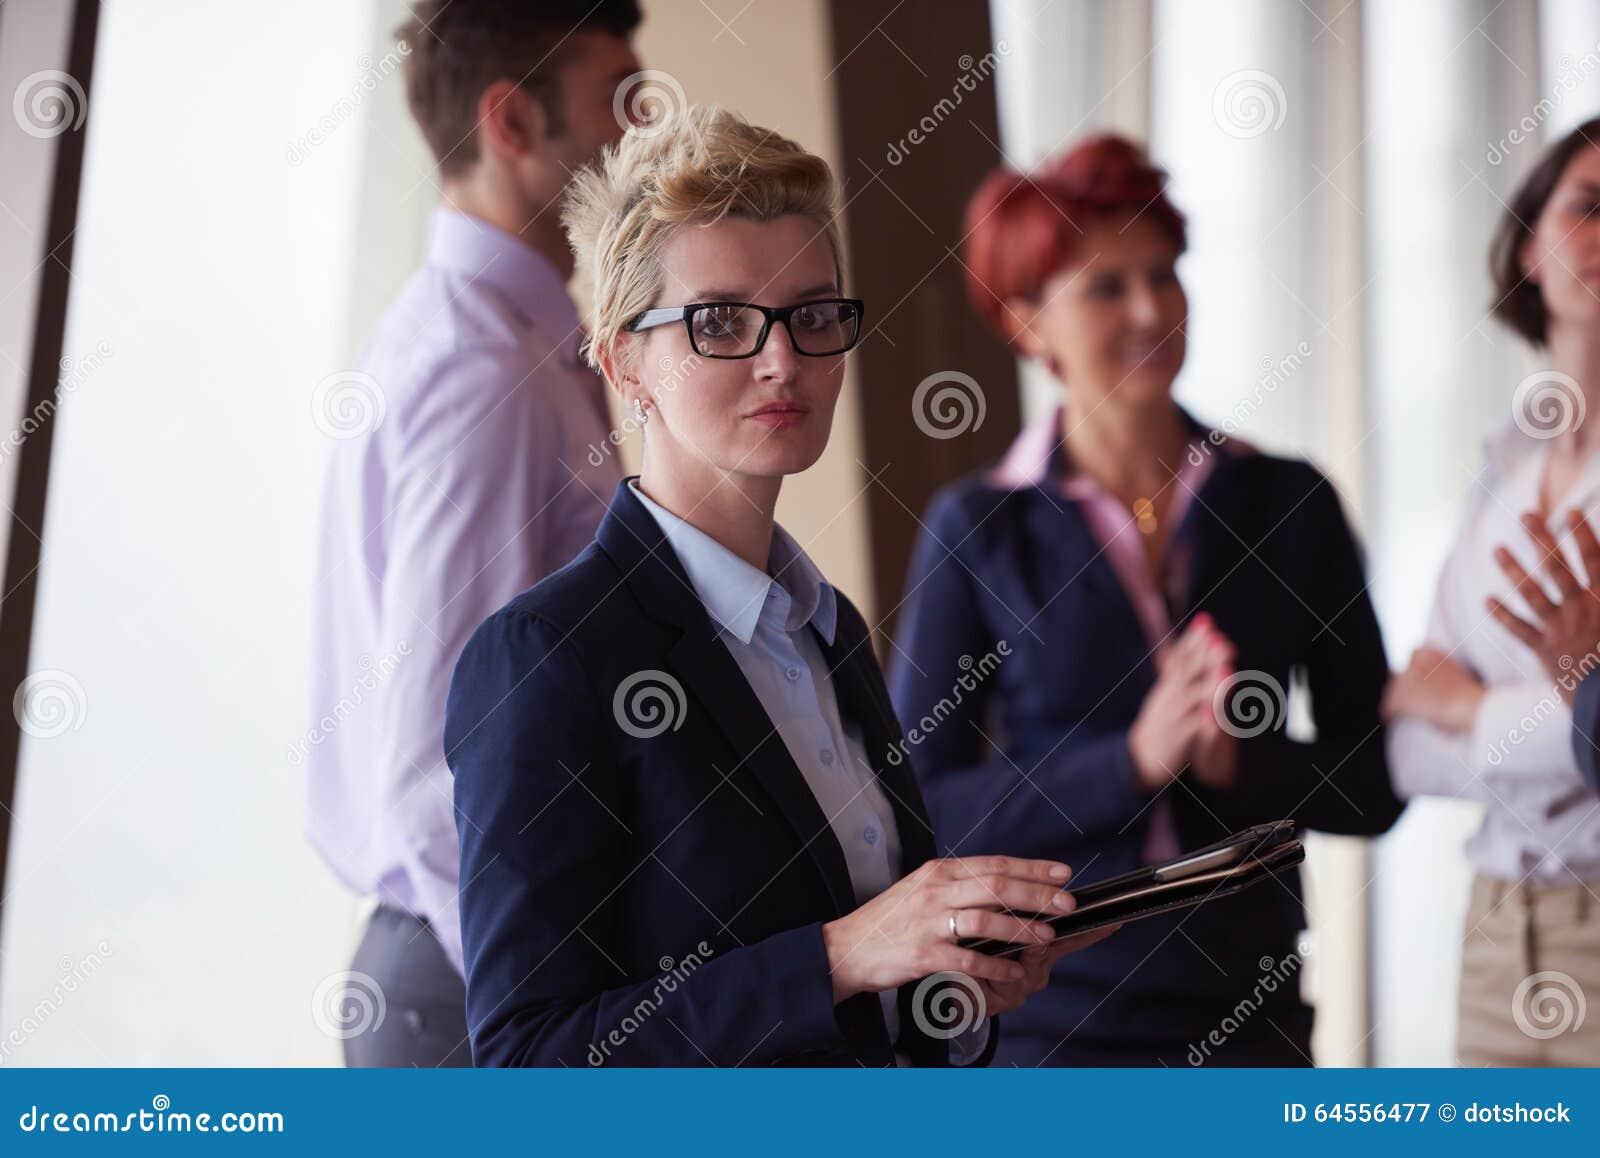 Olik grupp för affärsfolk med den främsta blonda kvinnan